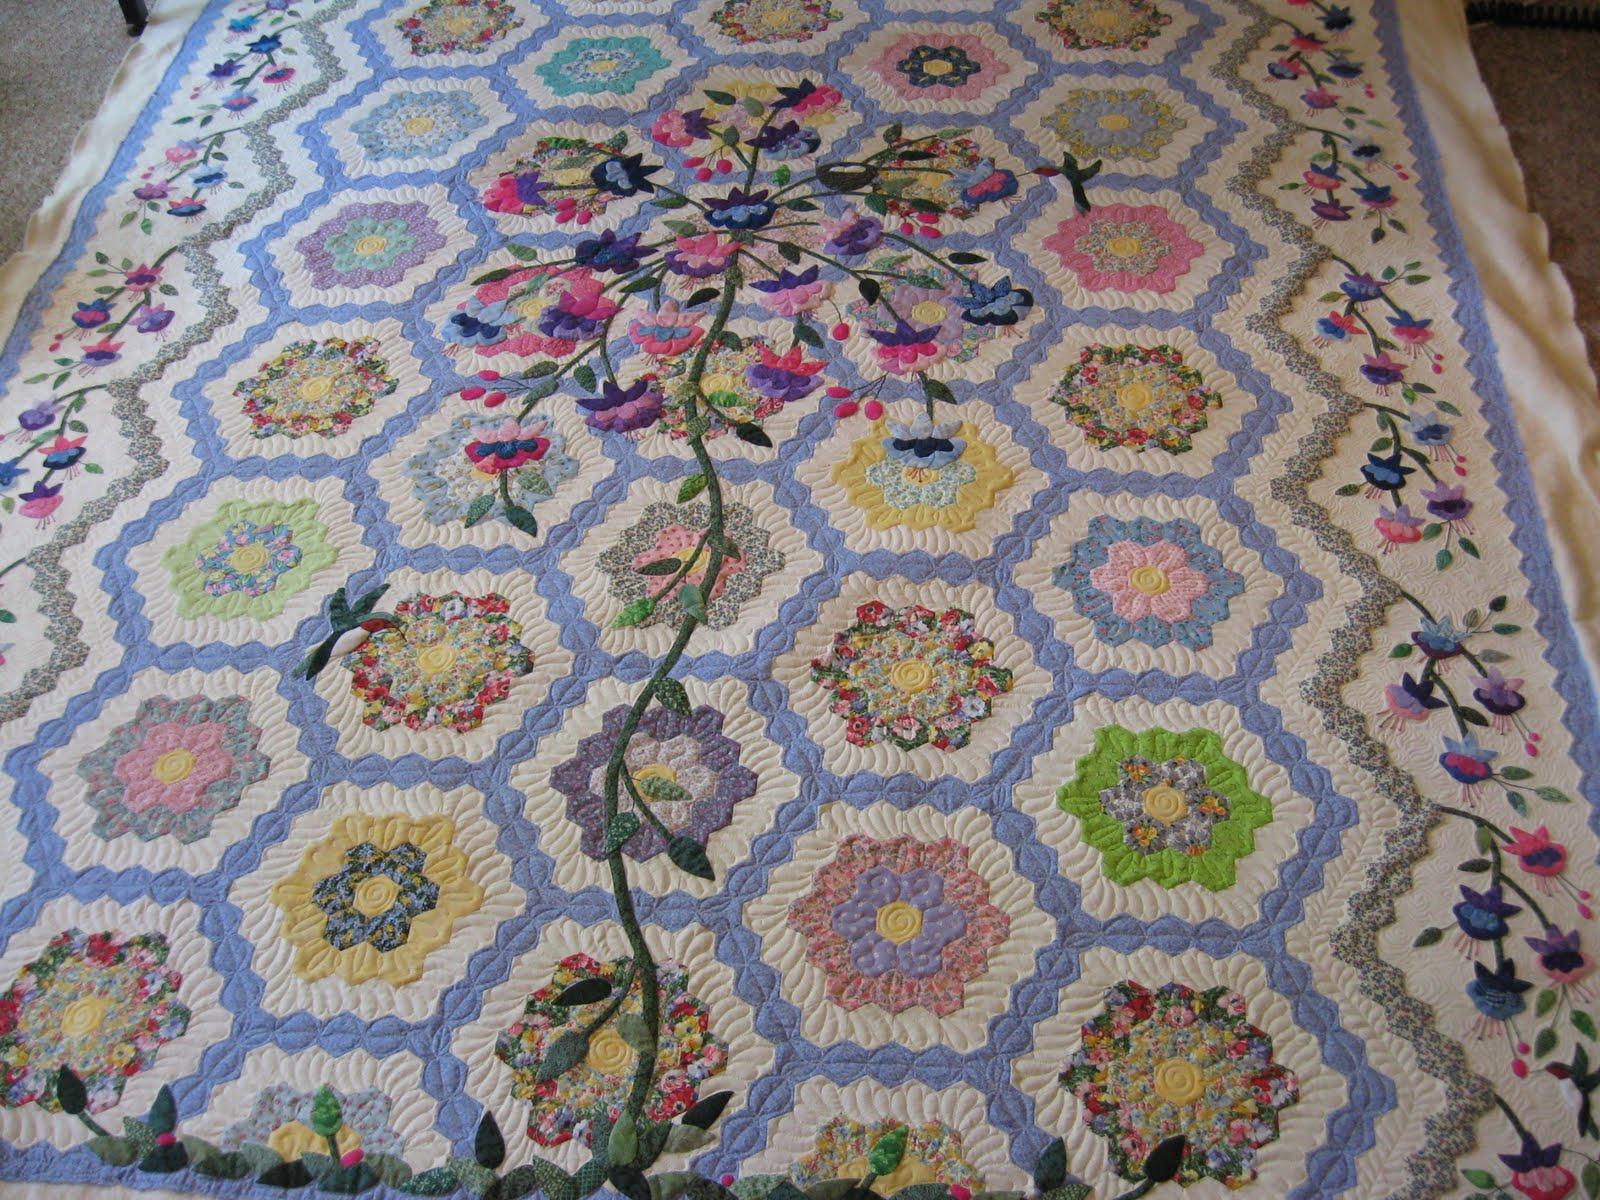 Artistic Quilting Amazing Applique Quilt